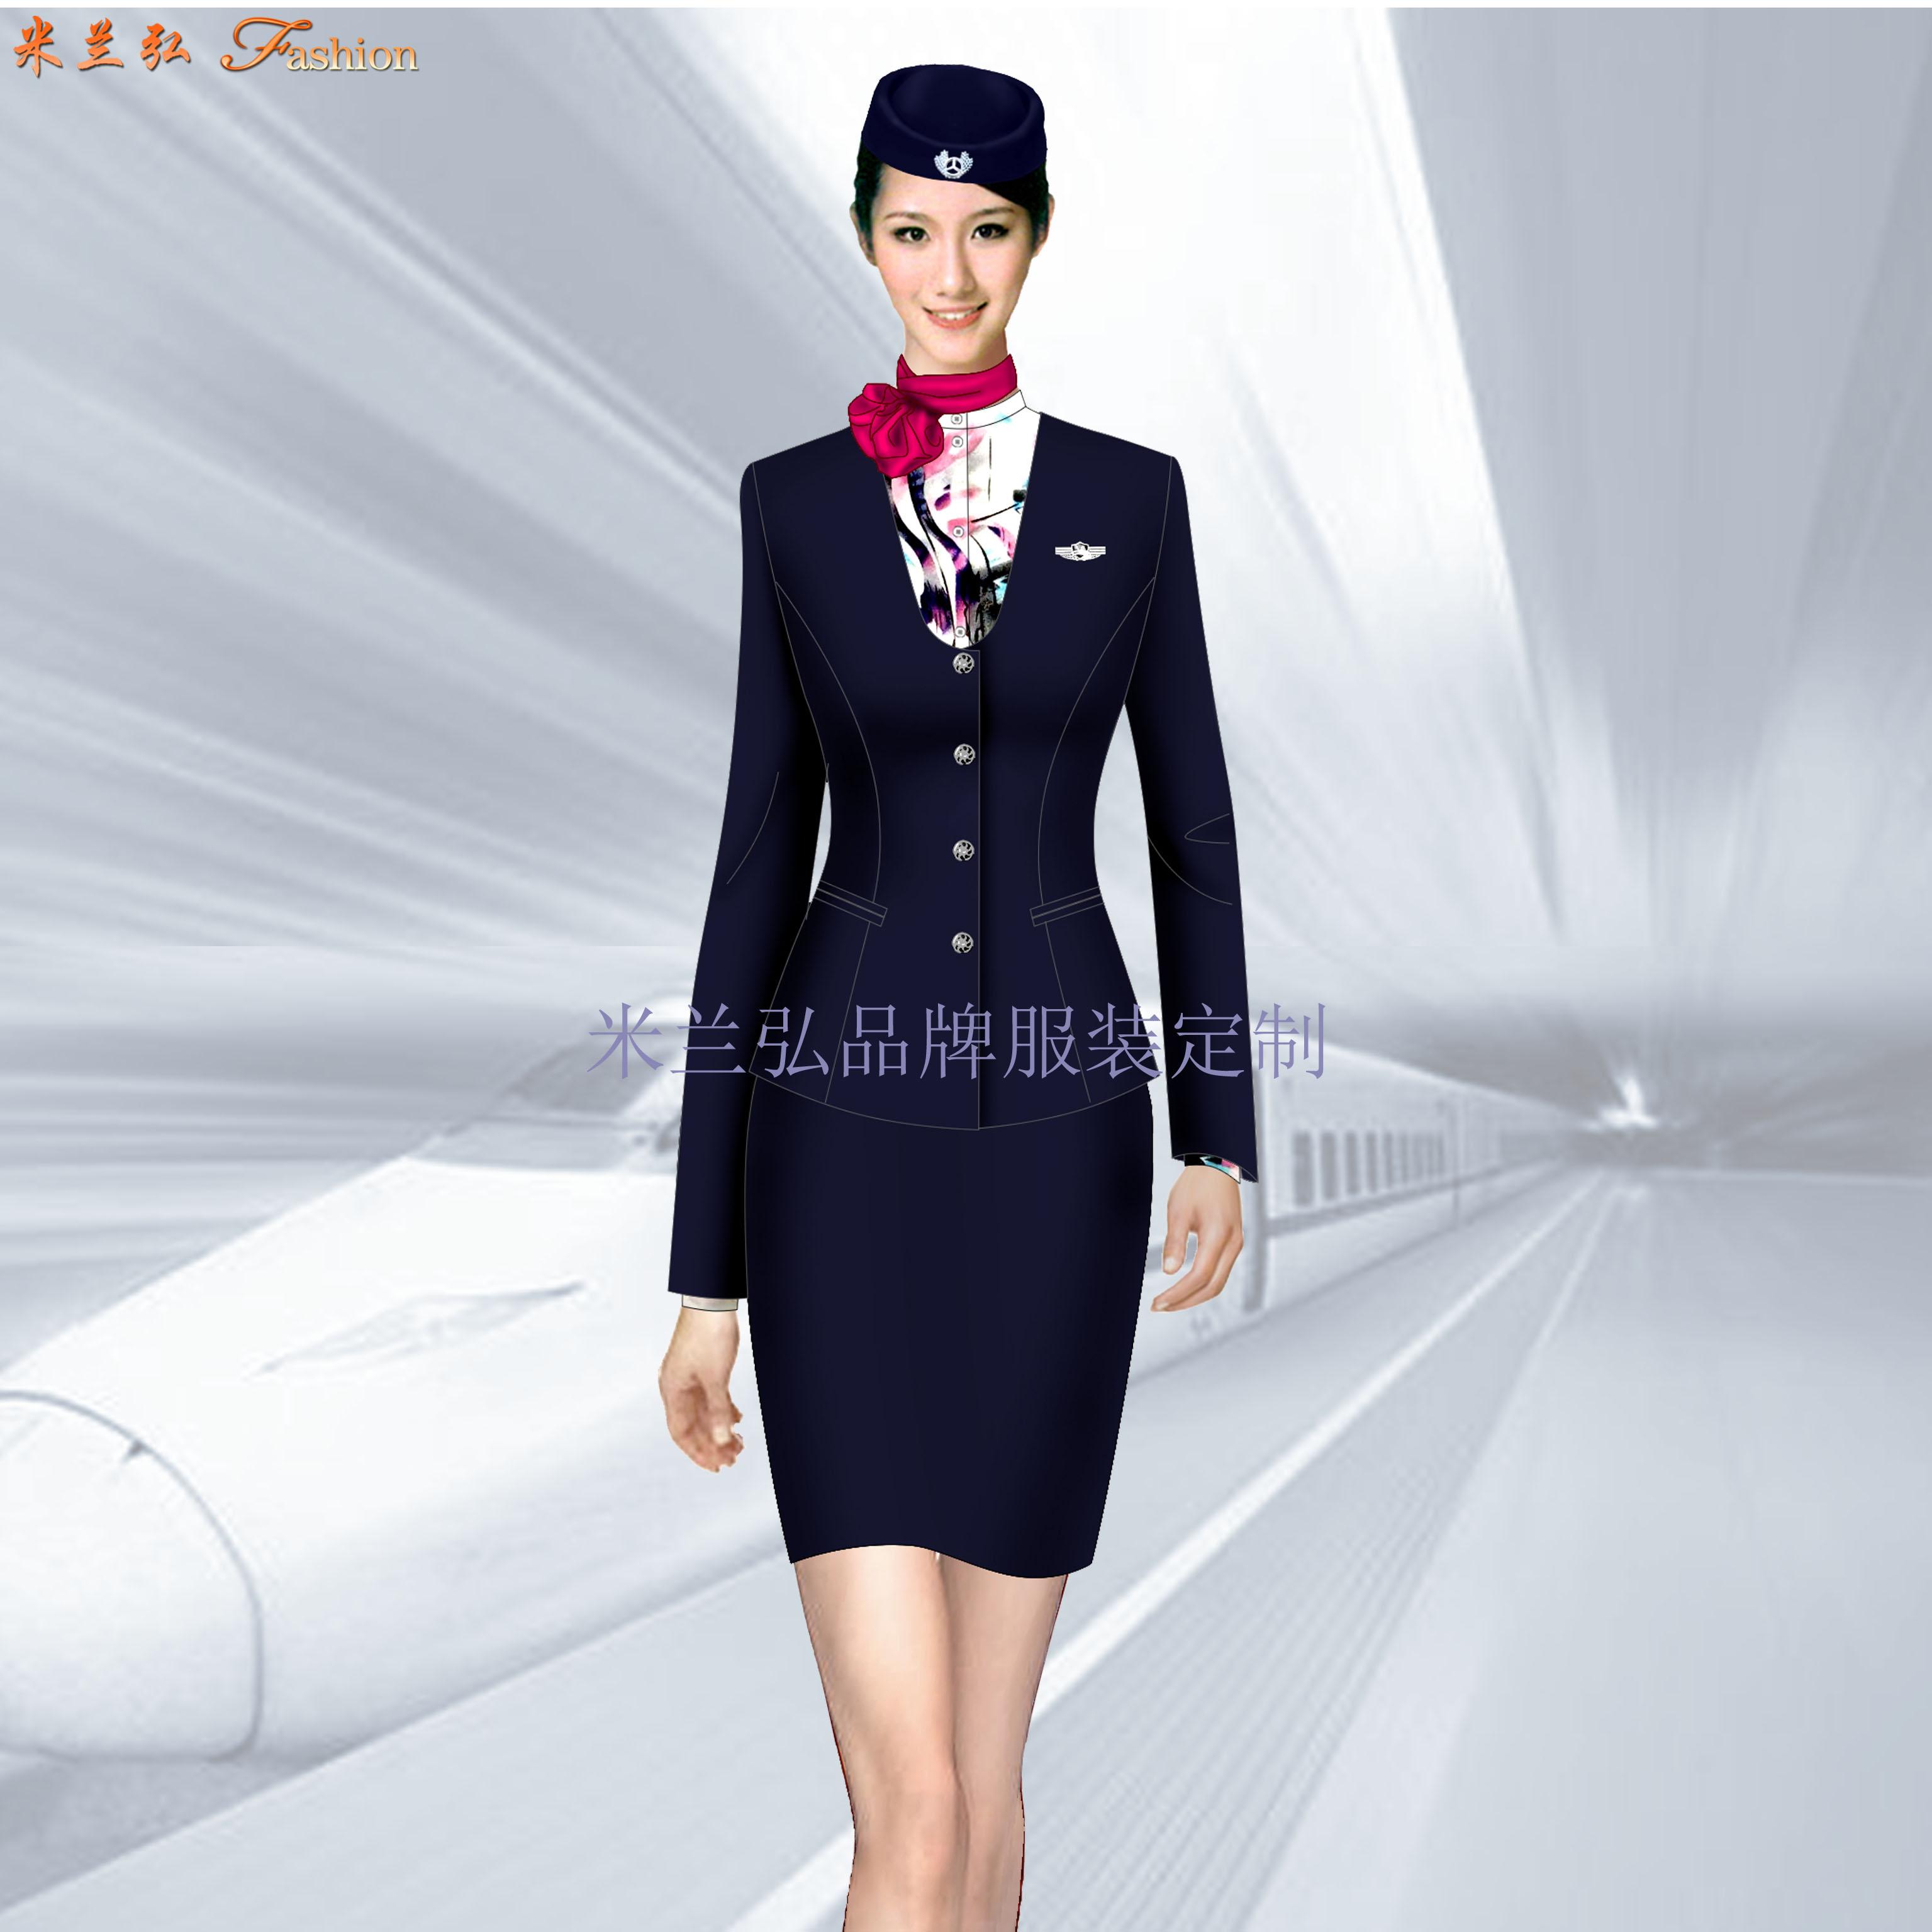 高鐵衣服價格-定做高鐵工作人員服裝-米蘭弘服裝廠家-2